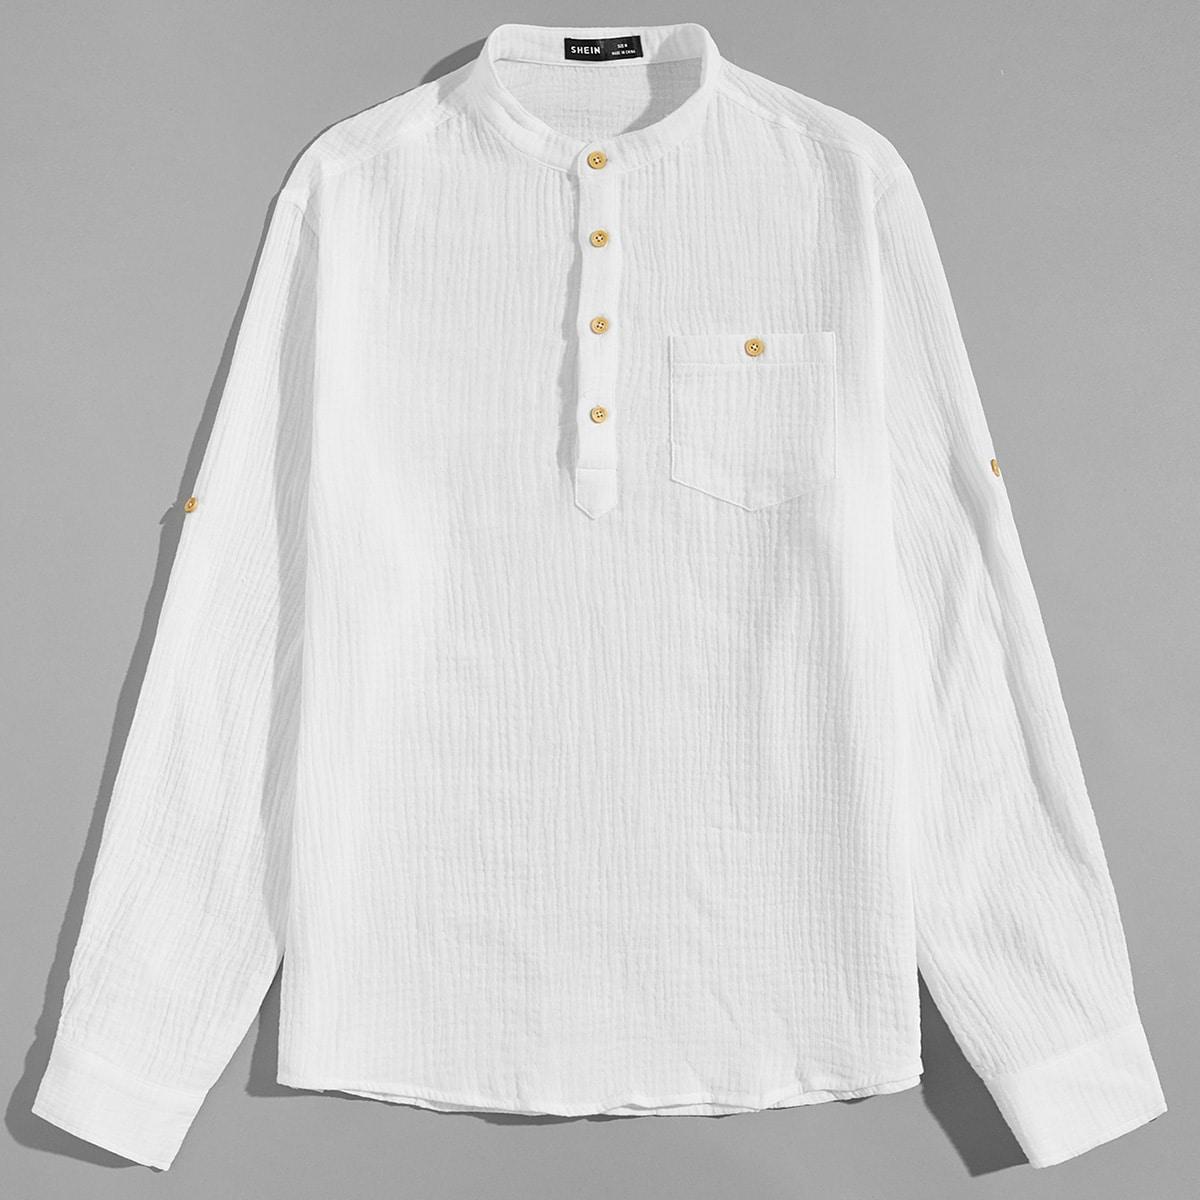 Мужская рубашка на пуговицах с карманом